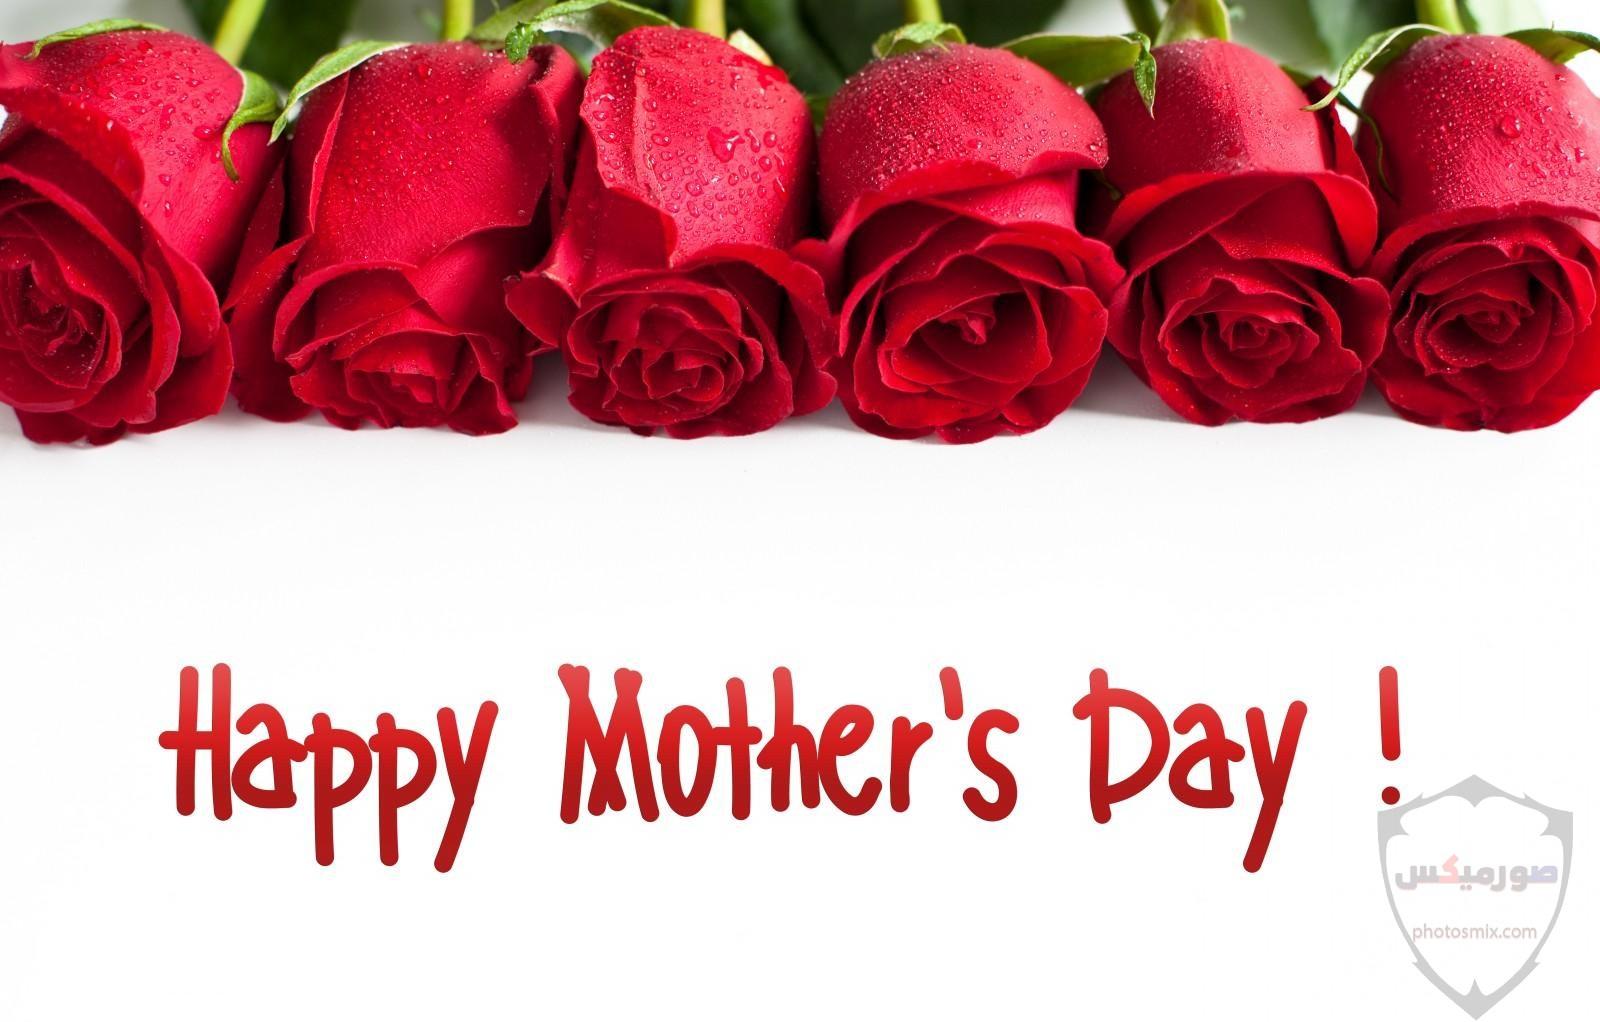 صور عيد الام 2020 أشعار عن الأم يوم الأم رمزيات عن الأم Mother Day 11